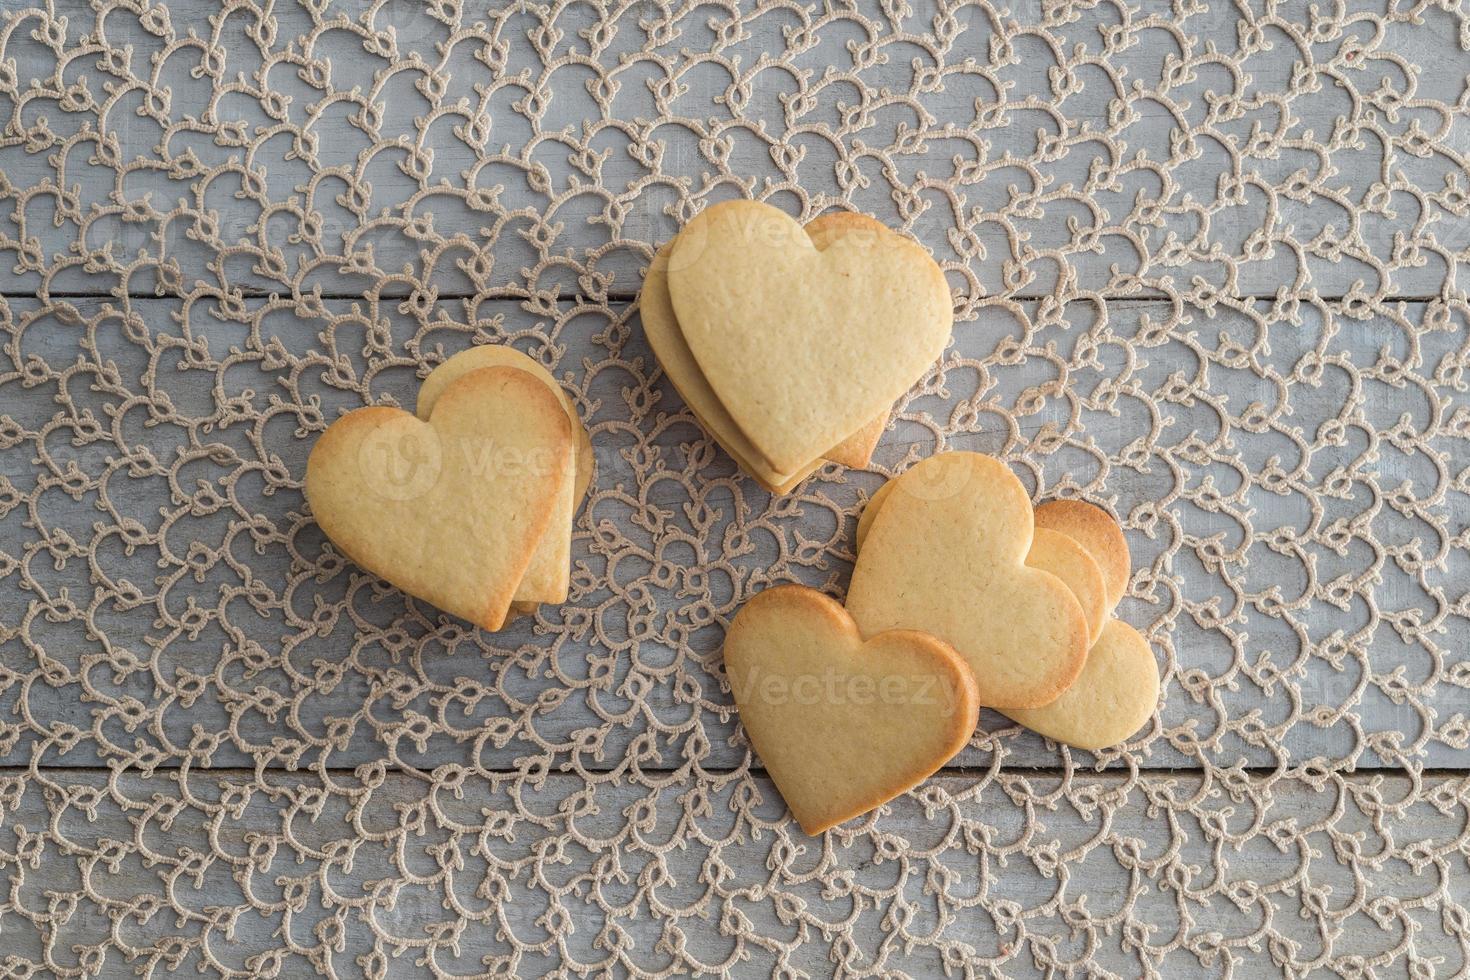 galletas de mantequilla de san valentin en forma de corazon foto